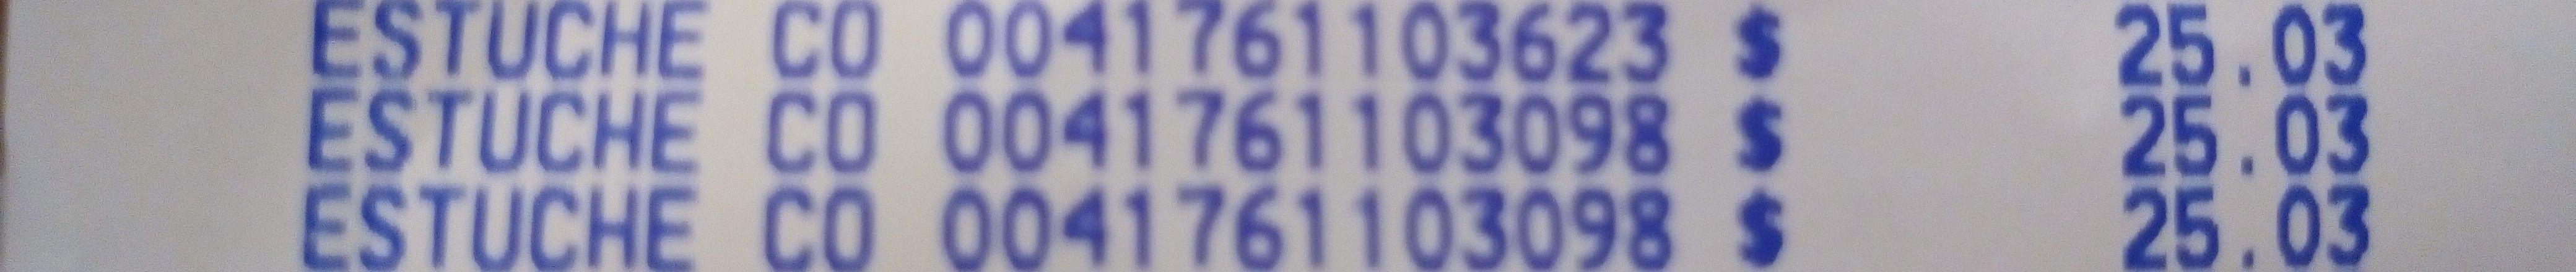 171699.jpg